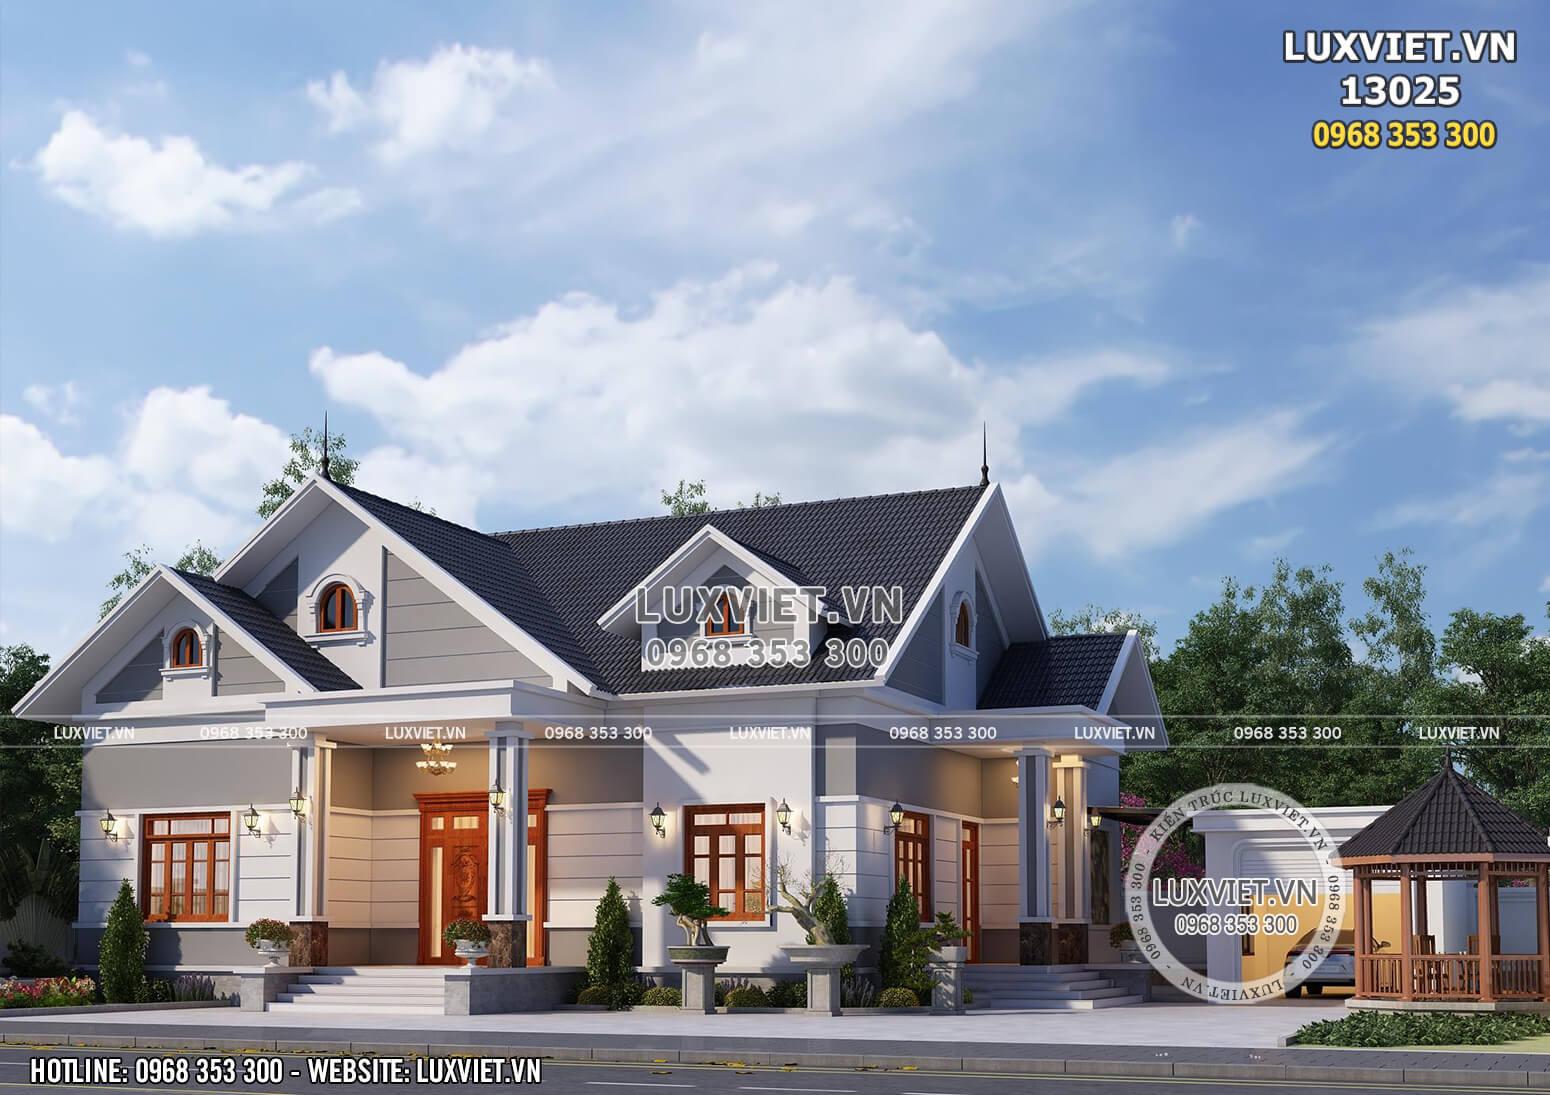 Hình ảnh: Khu tiểu cảnh của mẫu nhà mái Thái 1 tầng đẹp - LV 13025